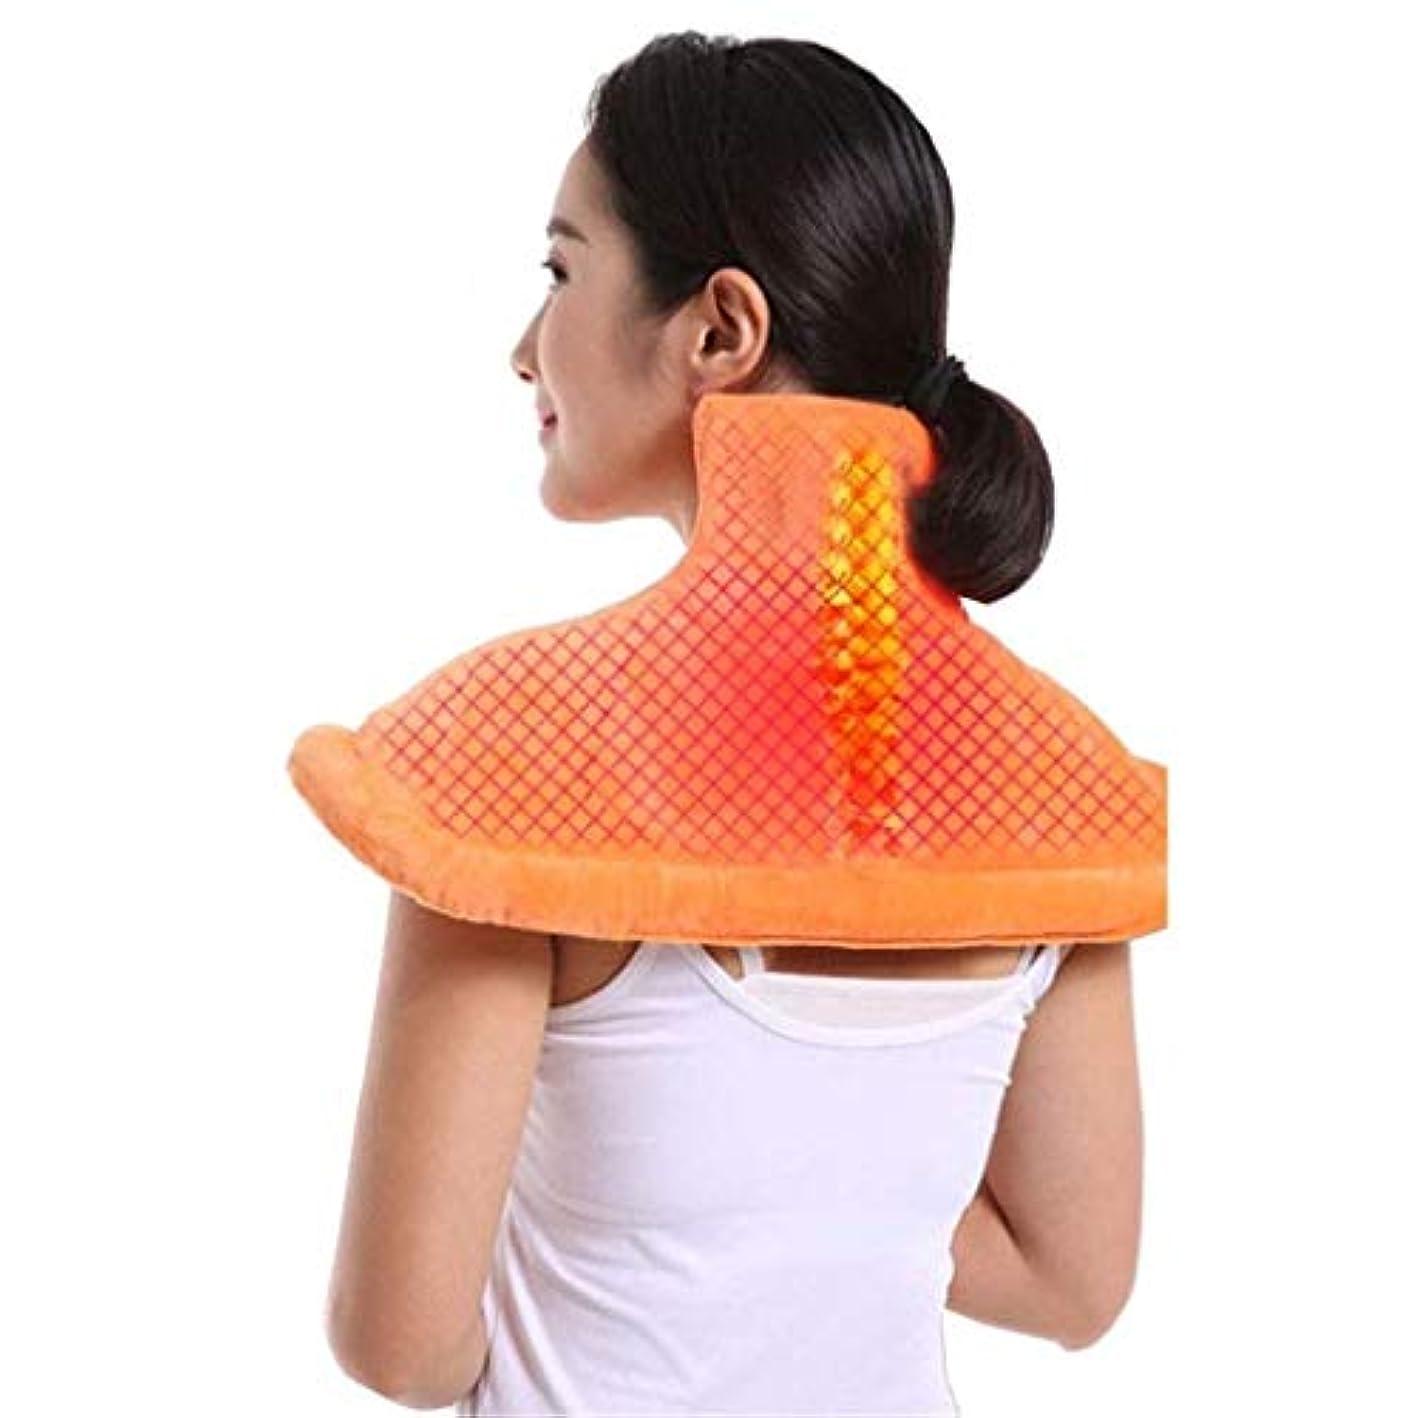 補正代理人パントリー首のマッサージャー、電熱パッド、首と肩と背中の痛みを和らげるツール、ストレス緩和筋肉温熱療法パッド